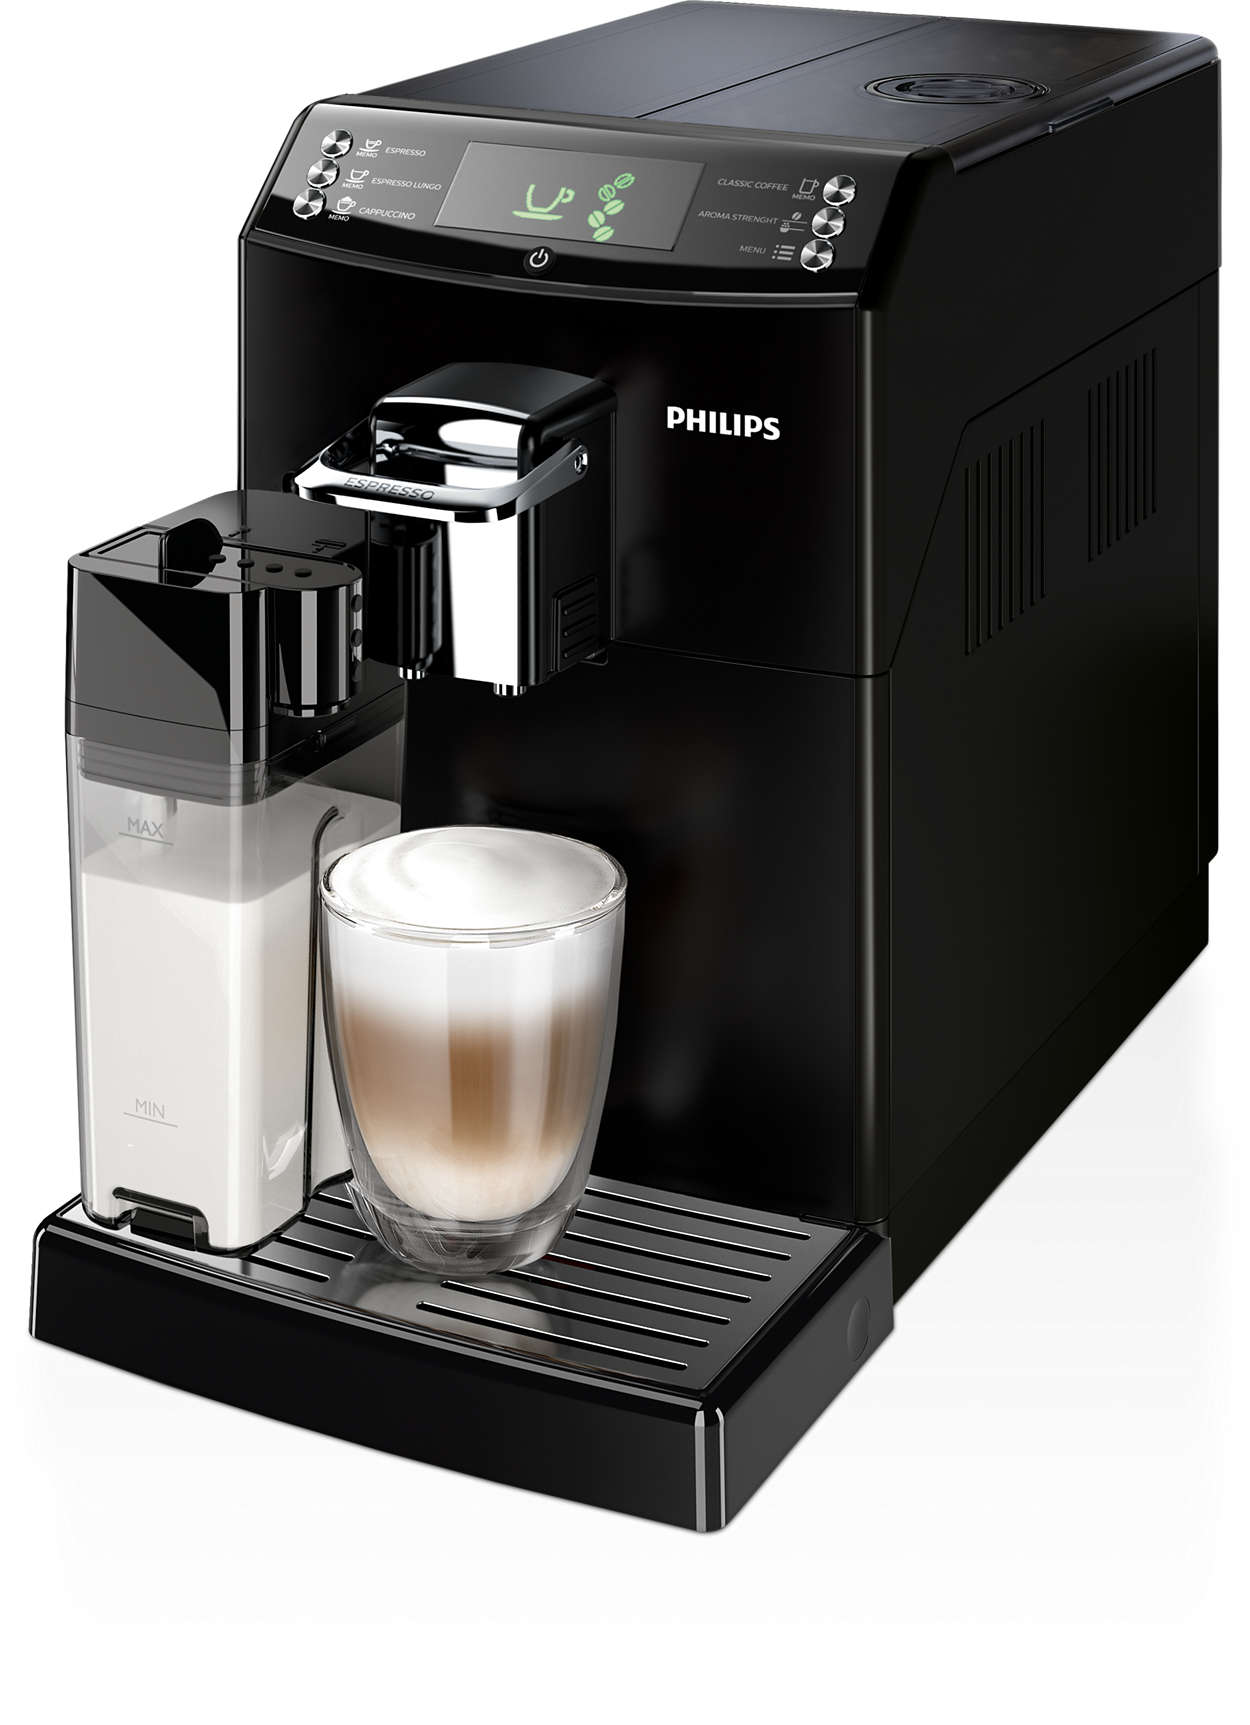 Puiki espreso kava ir tikras filtruotos kavos skonis